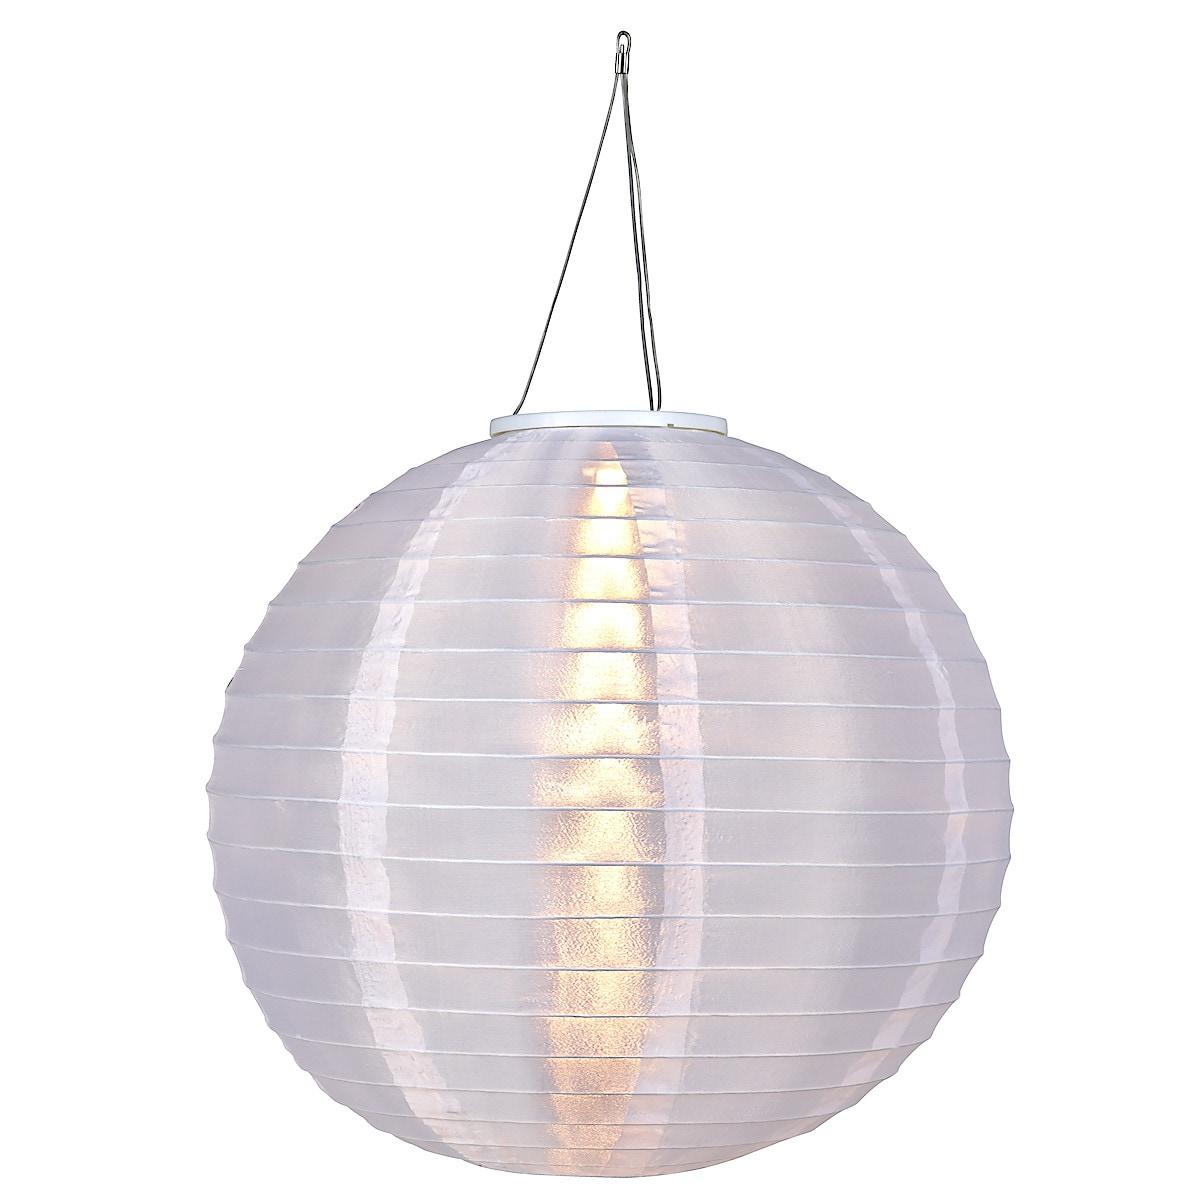 Solcelledrevet rislampe, 40 cm